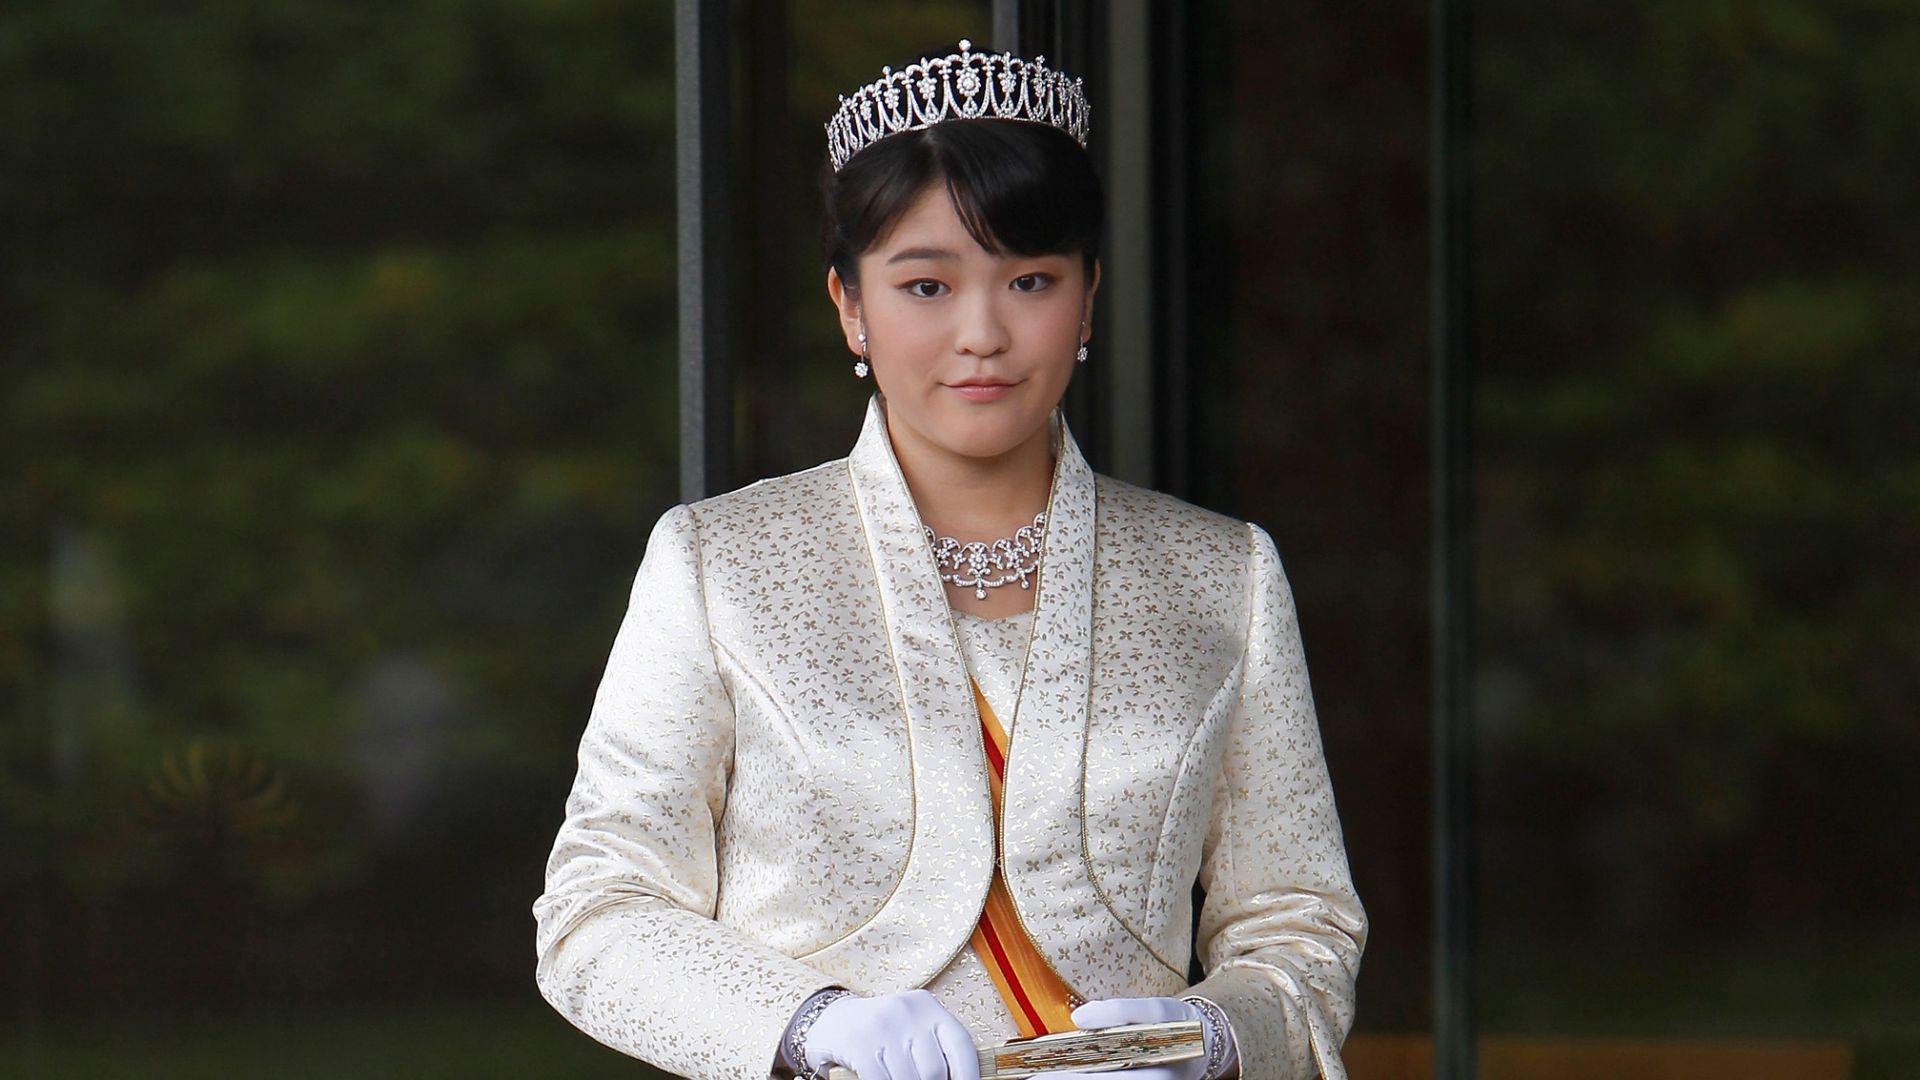 Японската принцеса Мако се омъжва до края на годината и се мести в САЩ